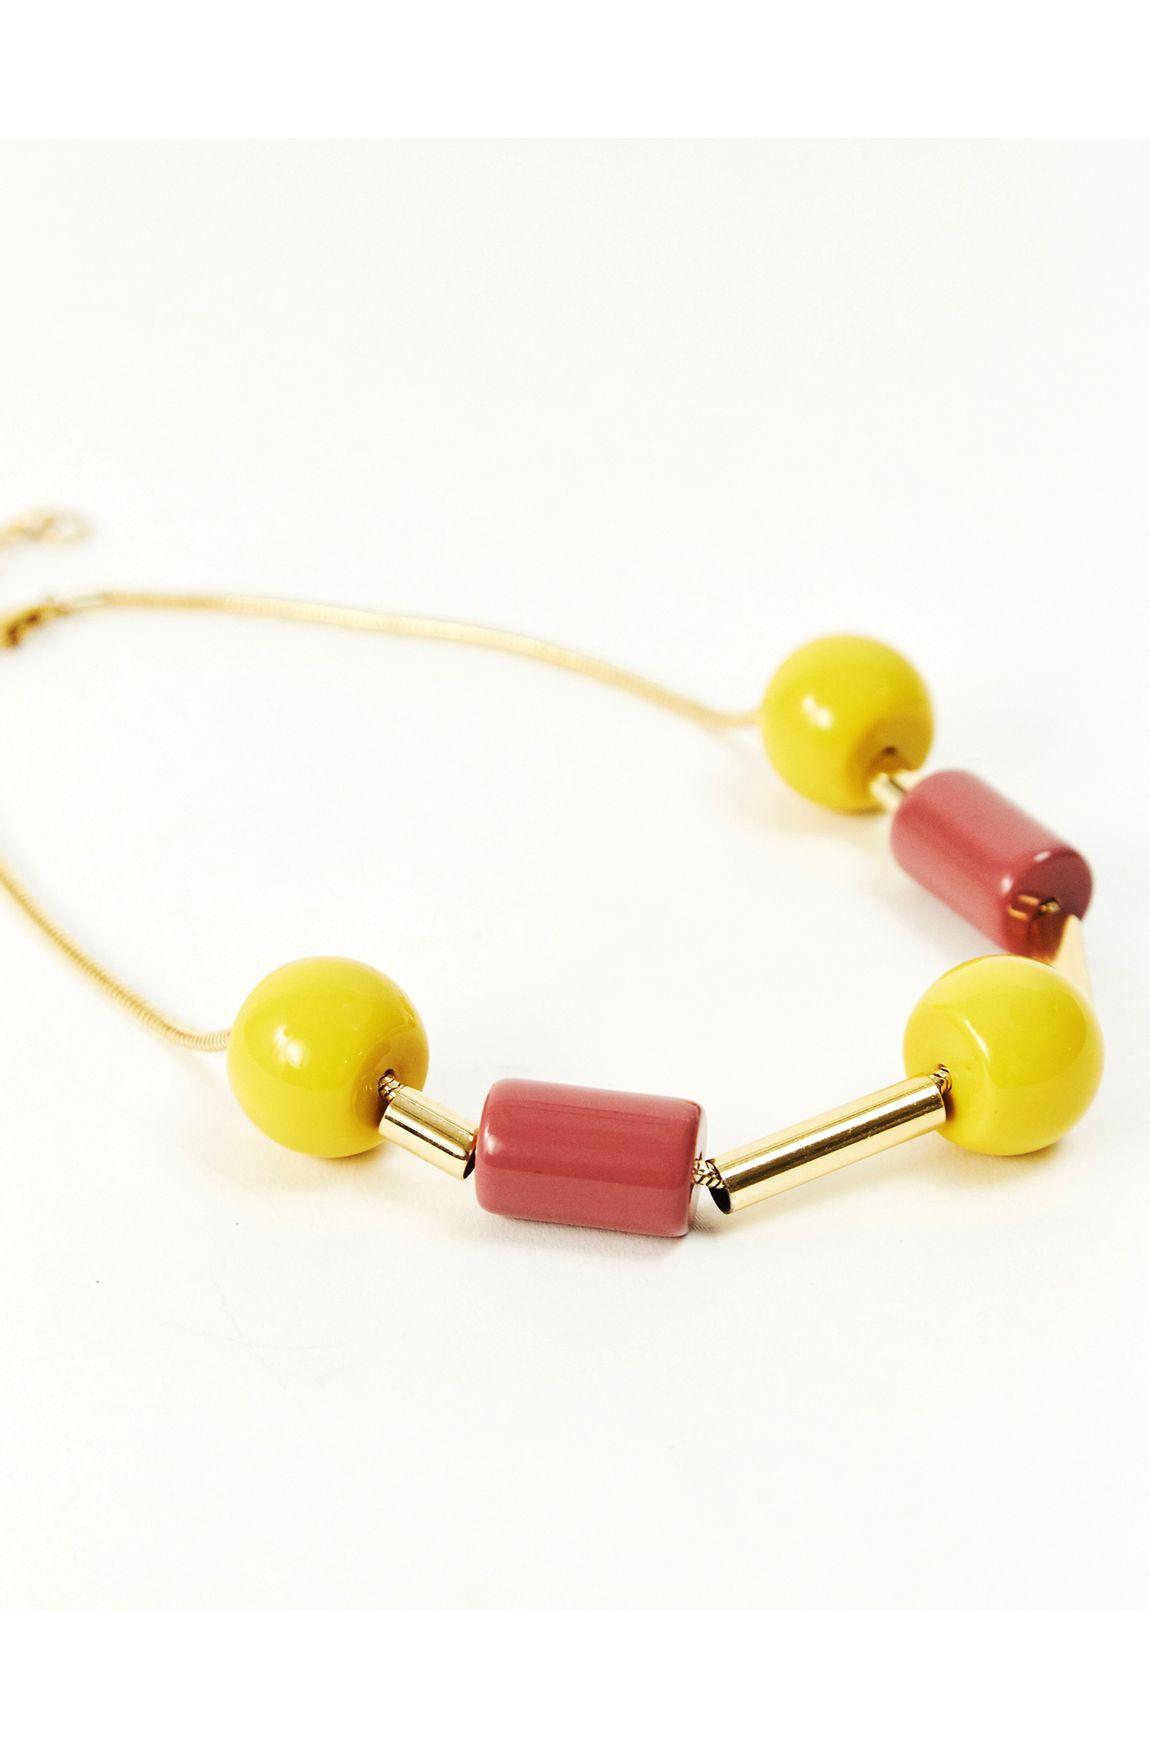 Colar curto resina amarela com nude